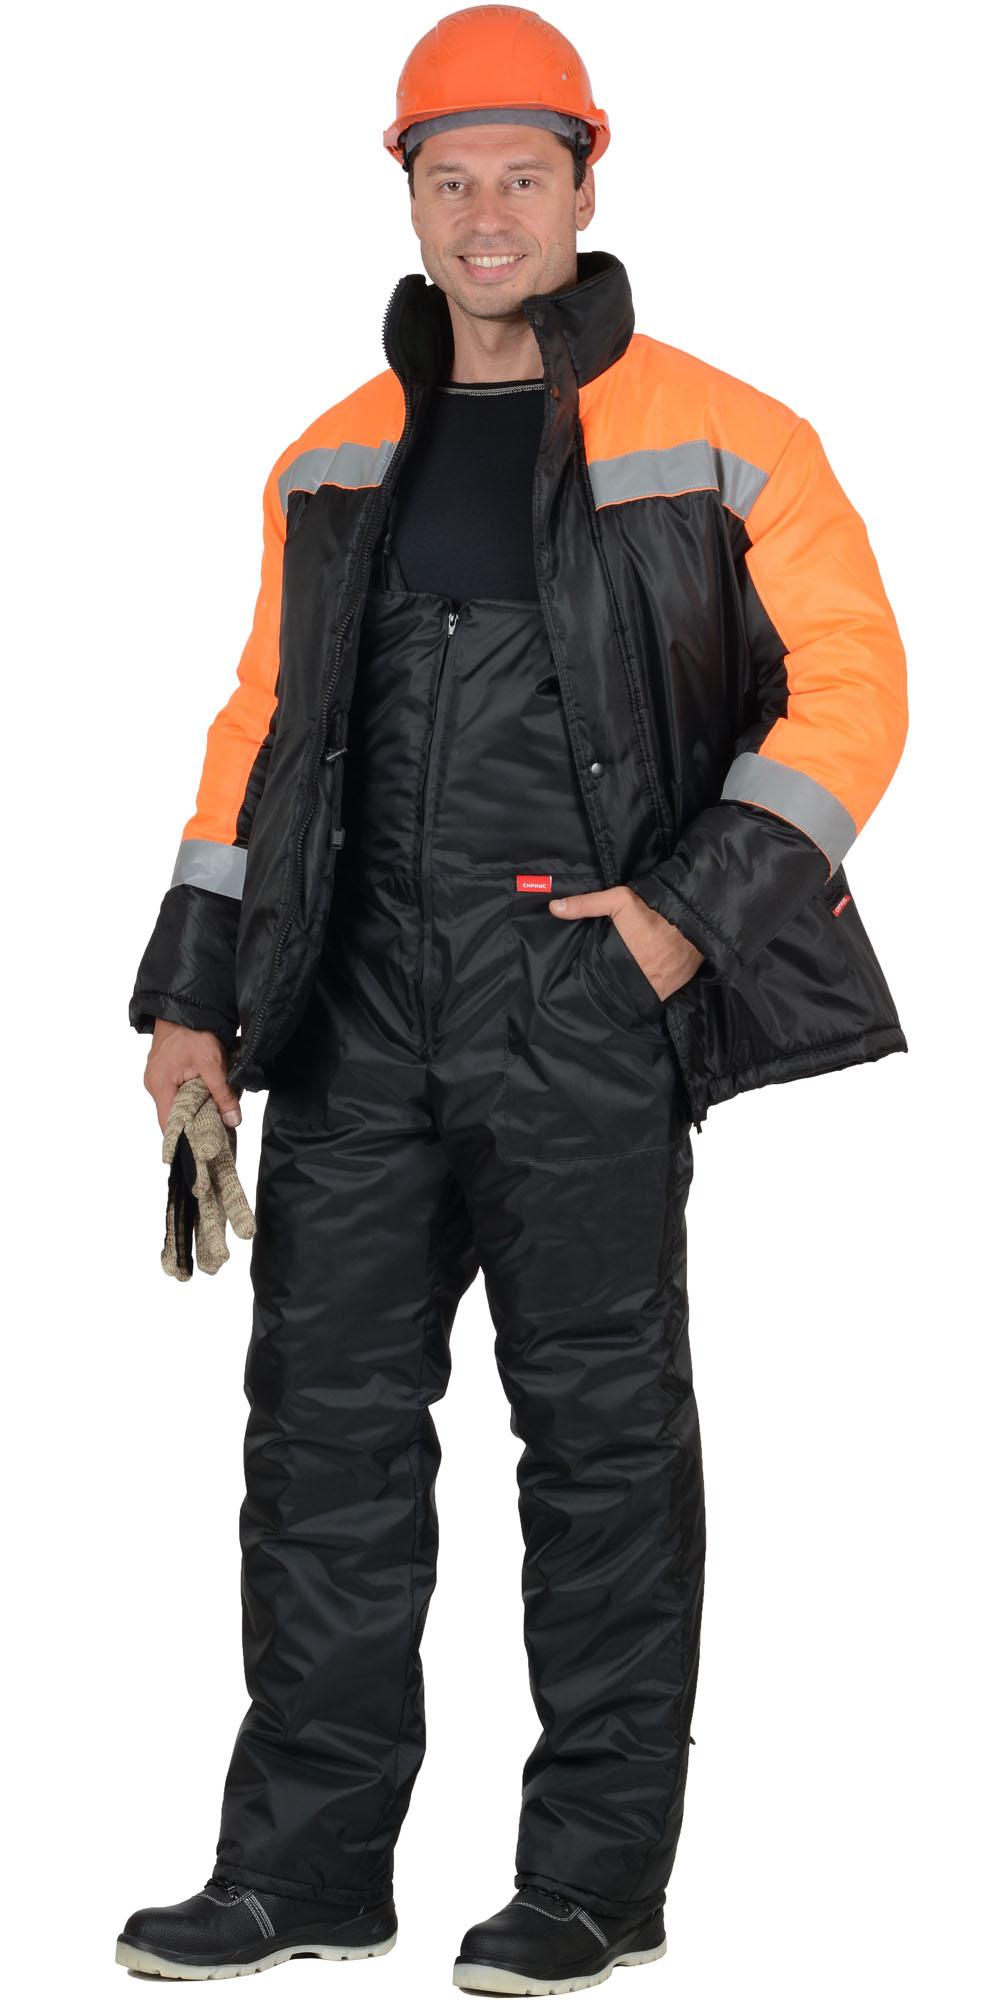 Костюм «Сириус-Спецмонтаж» черный с оранжевым и СОП